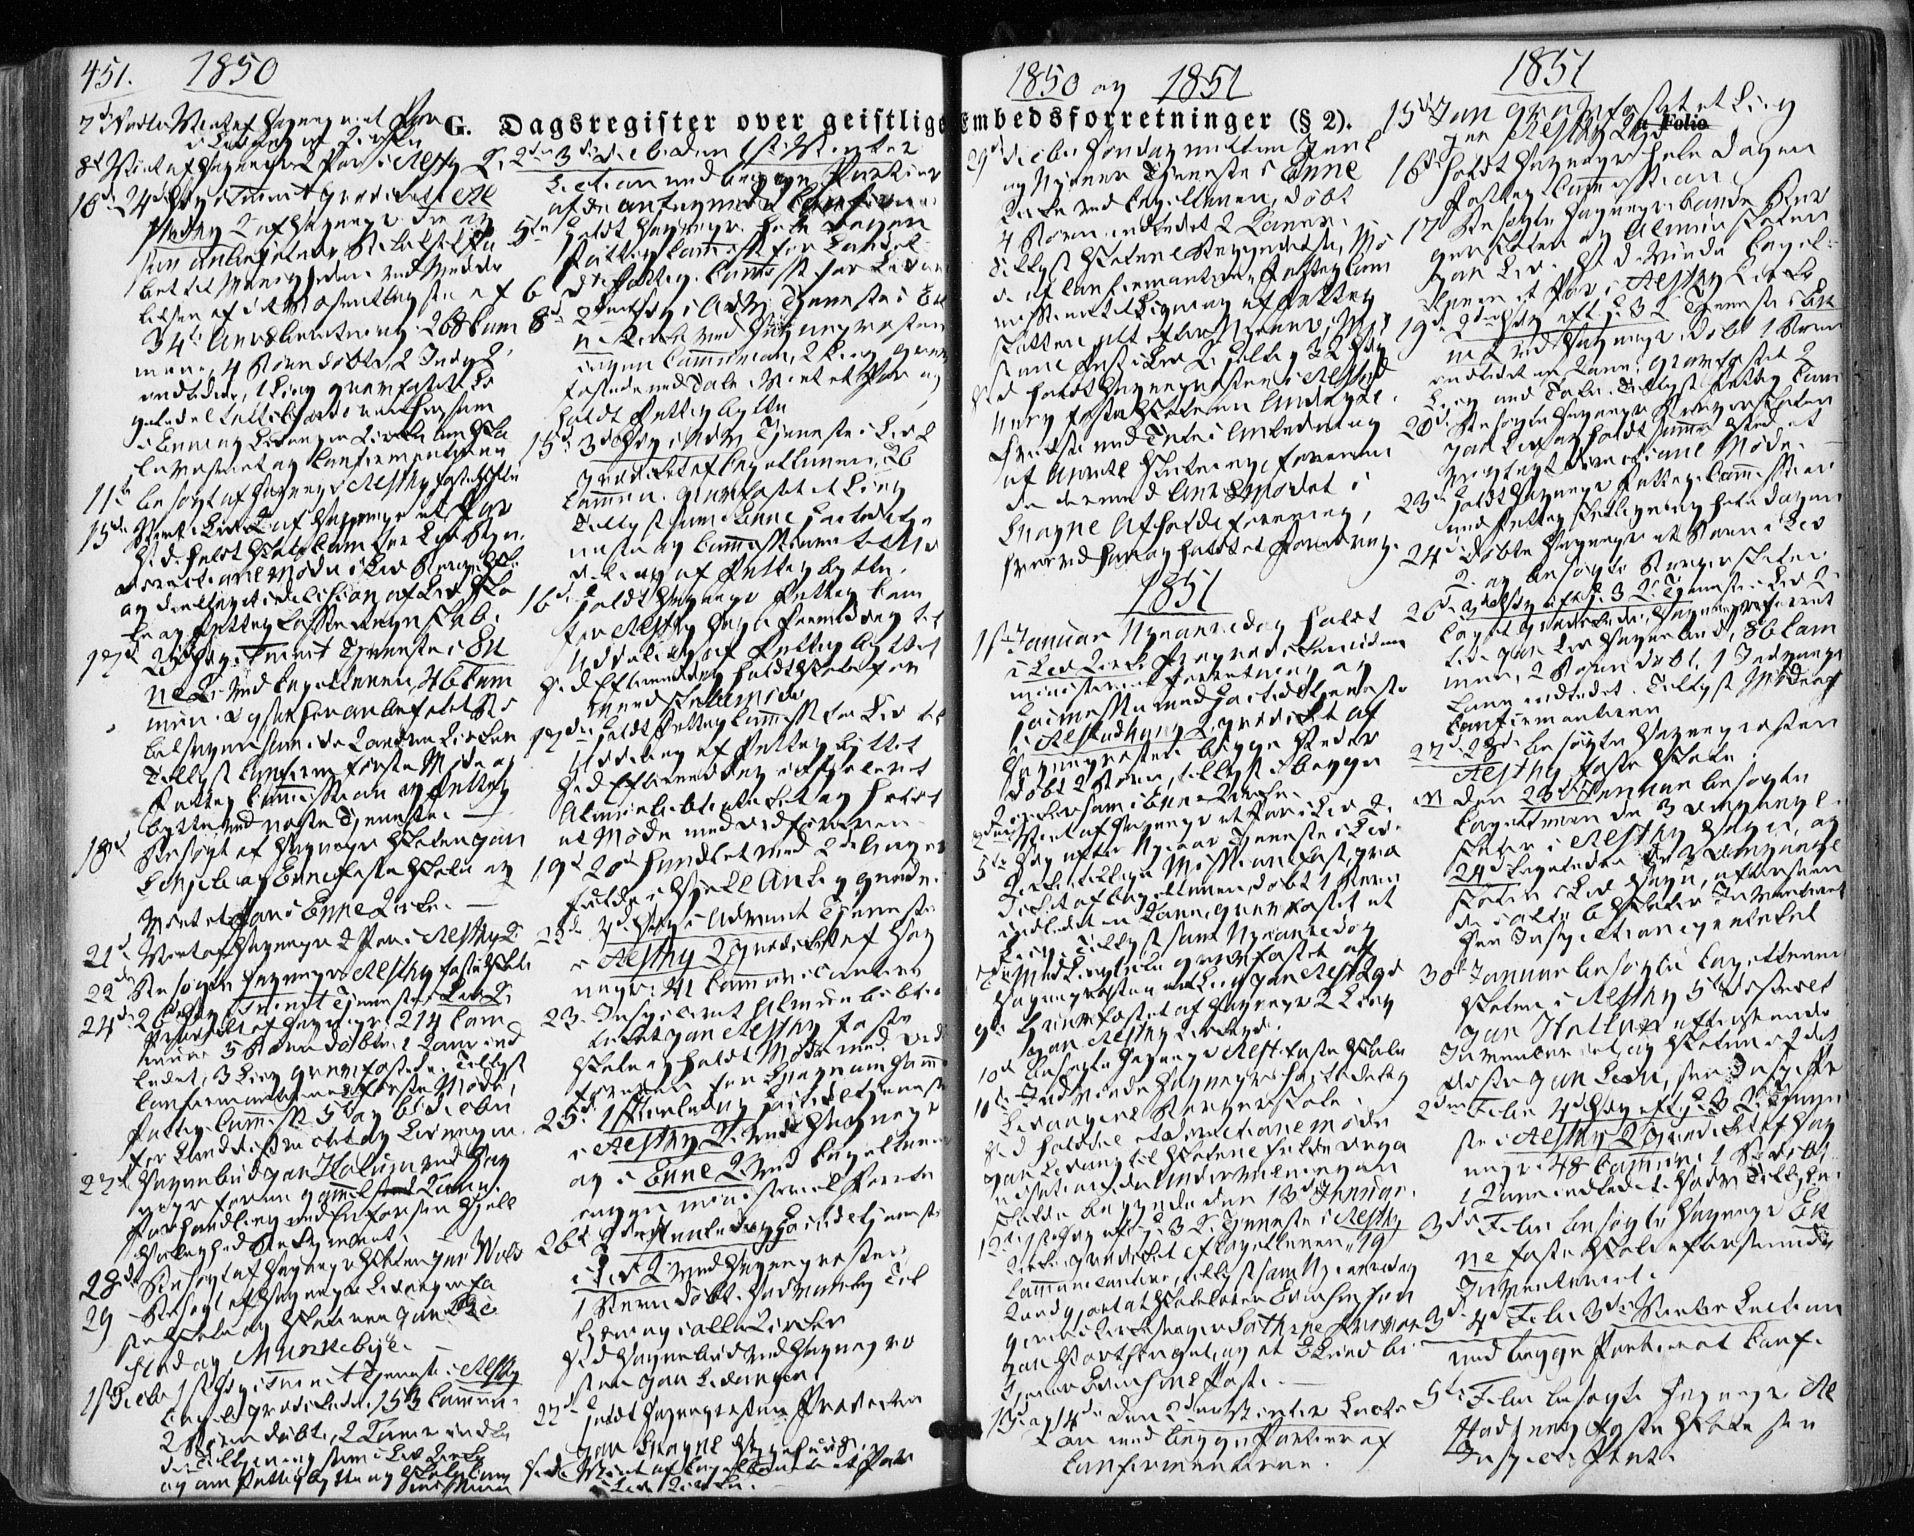 SAT, Ministerialprotokoller, klokkerbøker og fødselsregistre - Nord-Trøndelag, 717/L0154: Ministerialbok nr. 717A07 /1, 1850-1862, s. 451